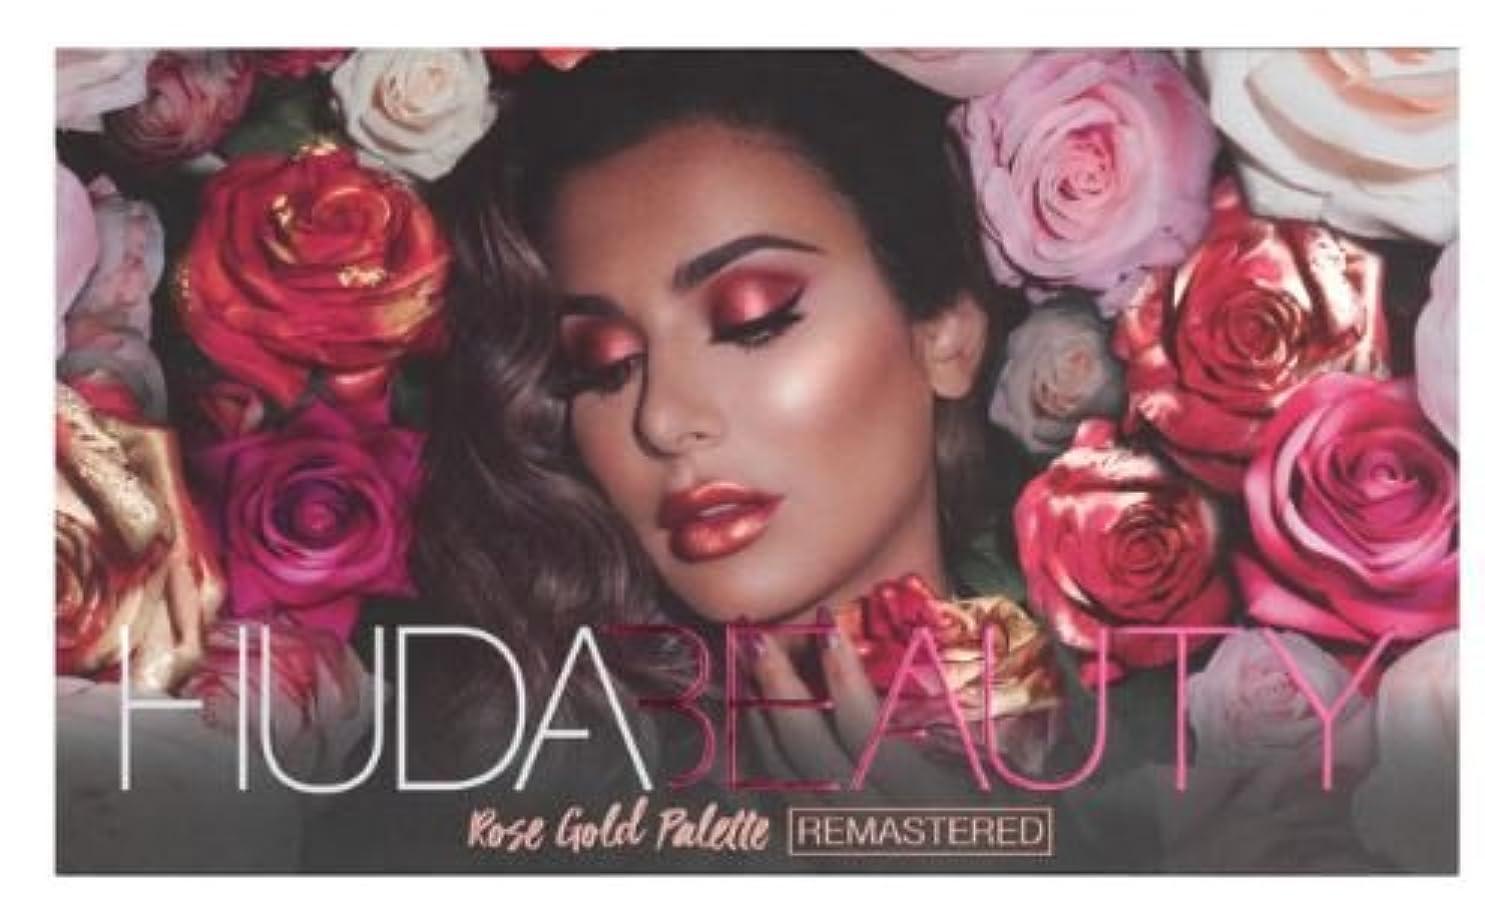 退却ジャーナリストそれに応じてHuda Beauty ROSE GOLD PALETTE – REMASTERED フーダビューティ